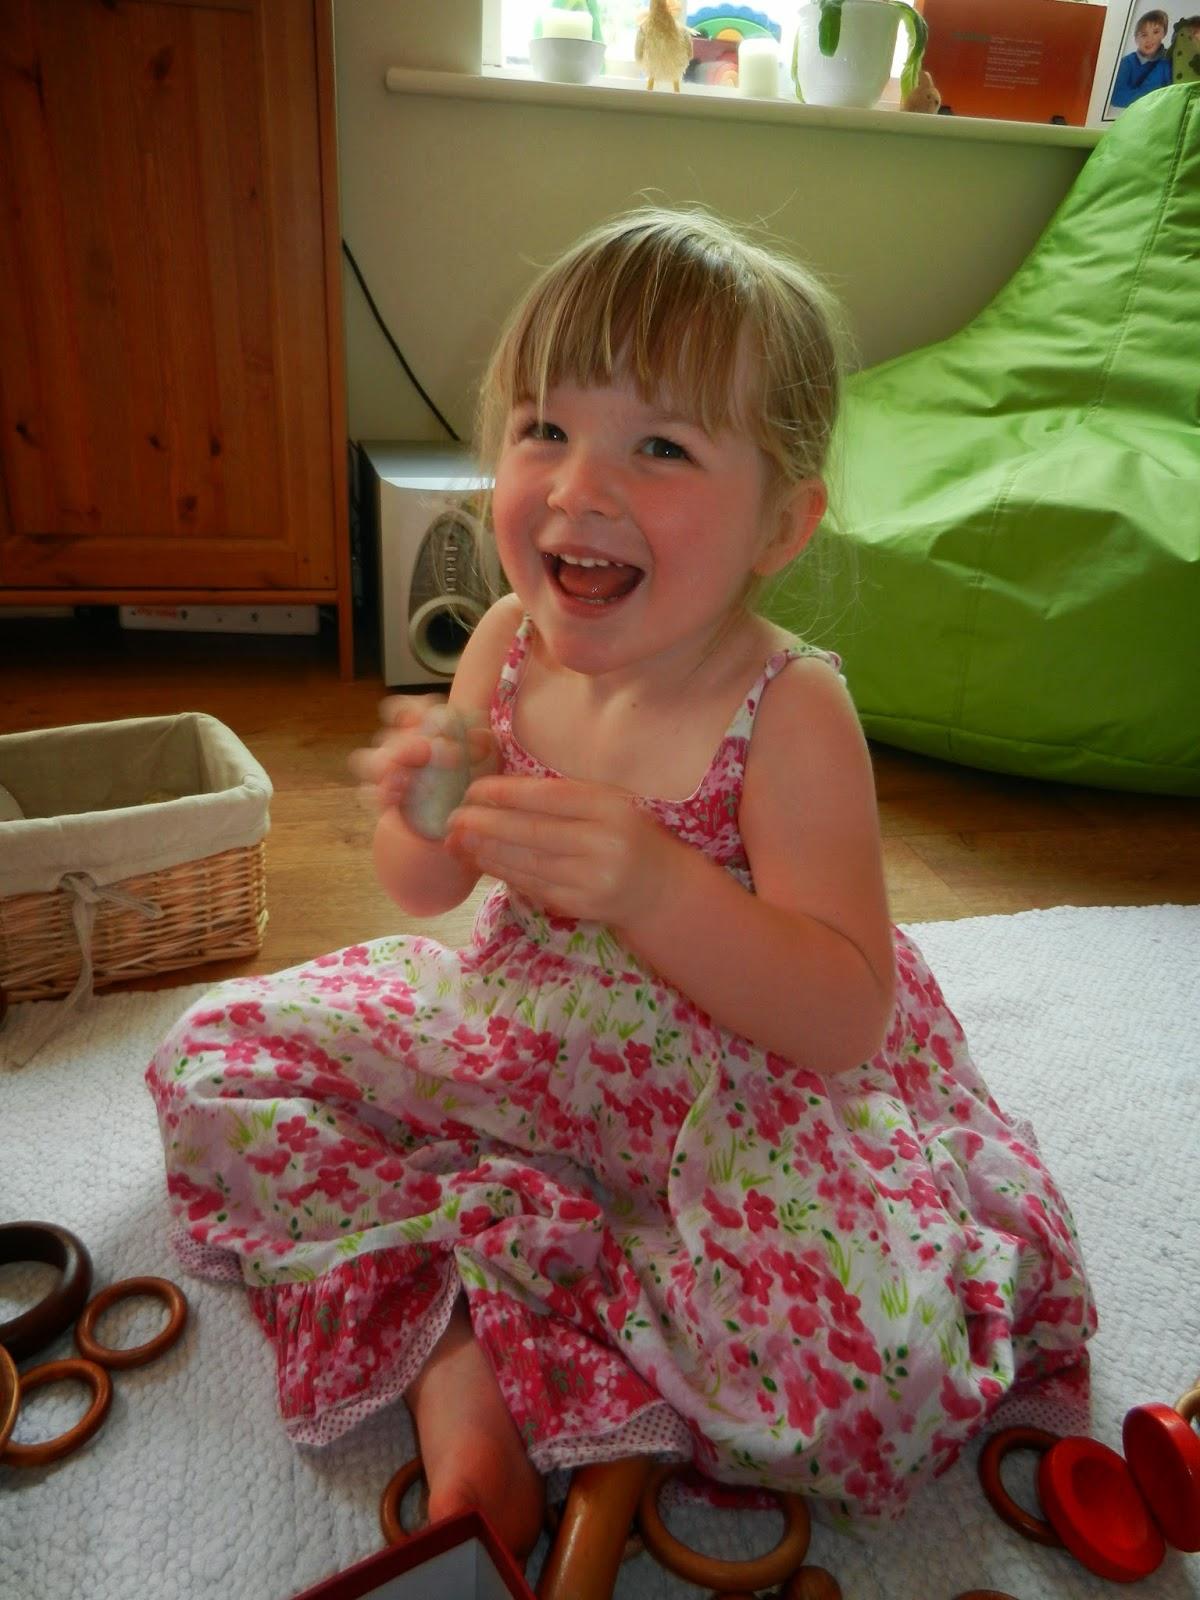 loose parts and sensory play